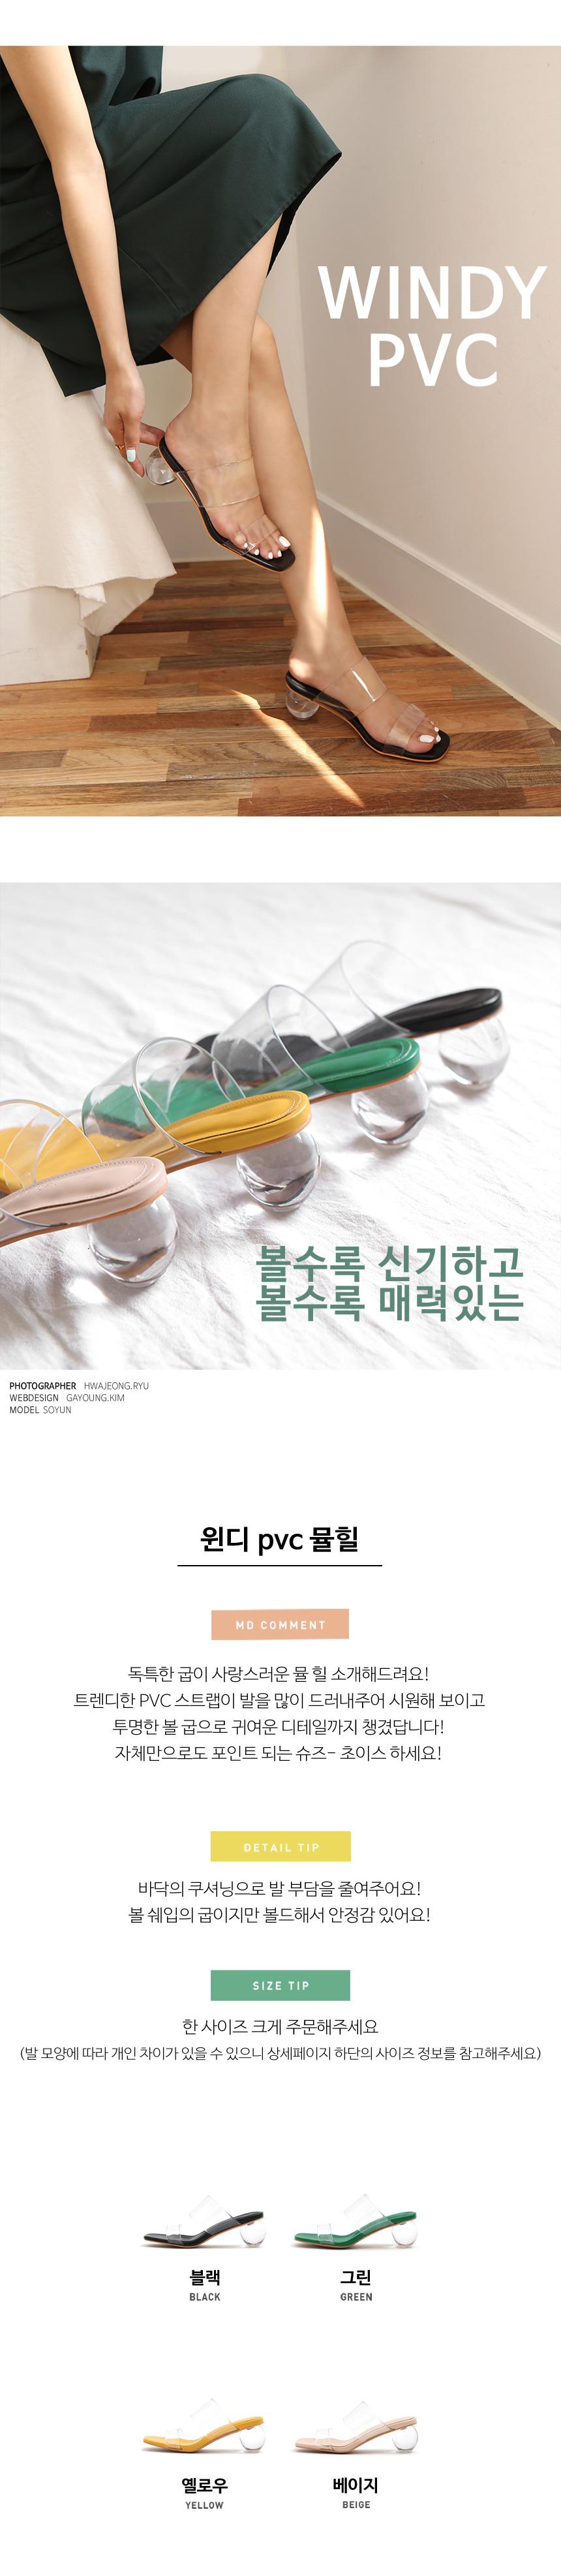 데일리슈 윈디 pvc 뮬힐 6.5cm굽